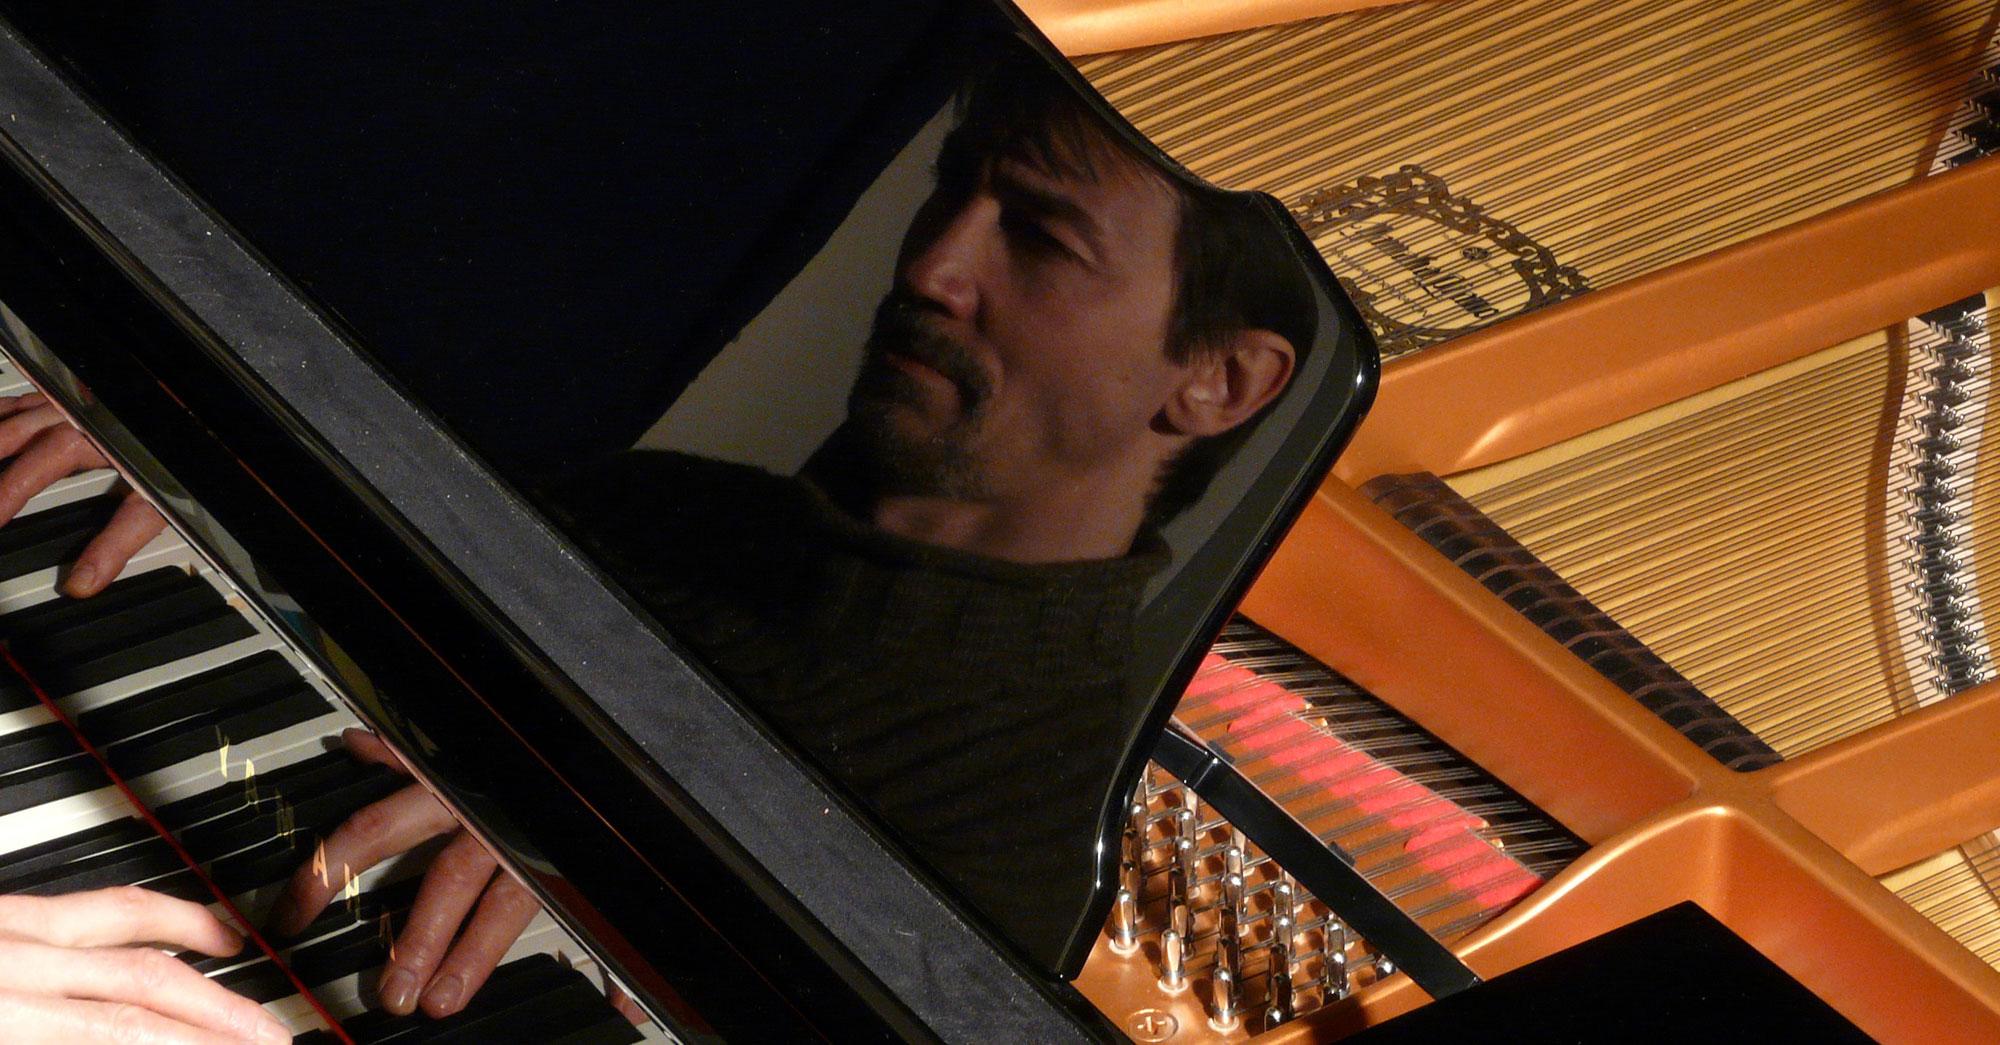 marco-rapetti-musician-musicista-italia-piano-conservatorio-musica-classica-recensioni